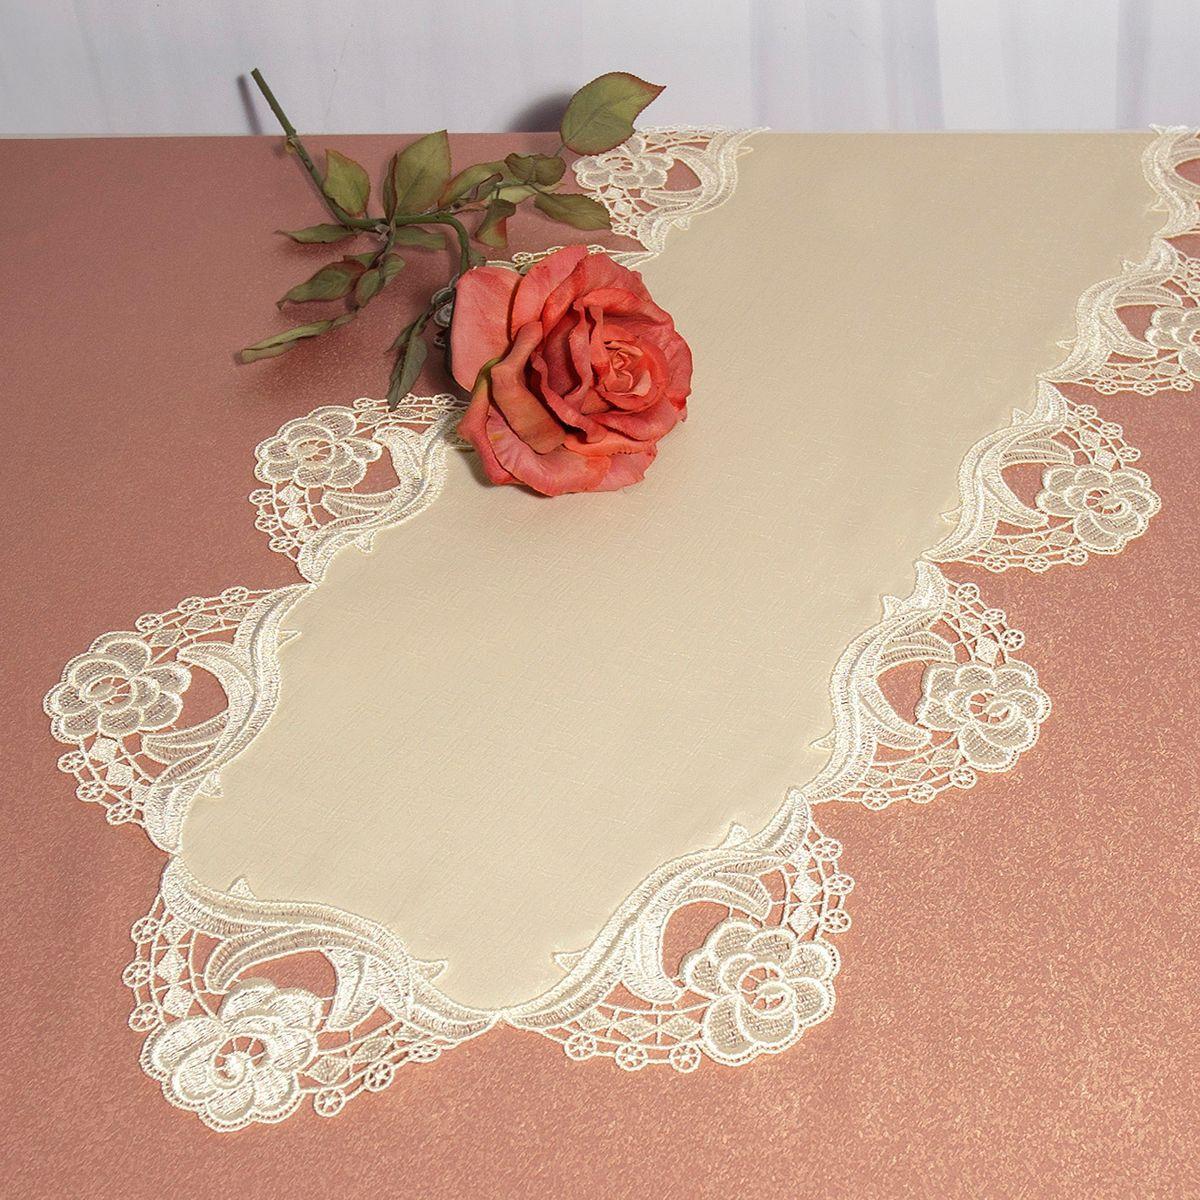 Дорожка для декорирования стола Schaefer, 40 x 90 см, цвет: розовый. 3015